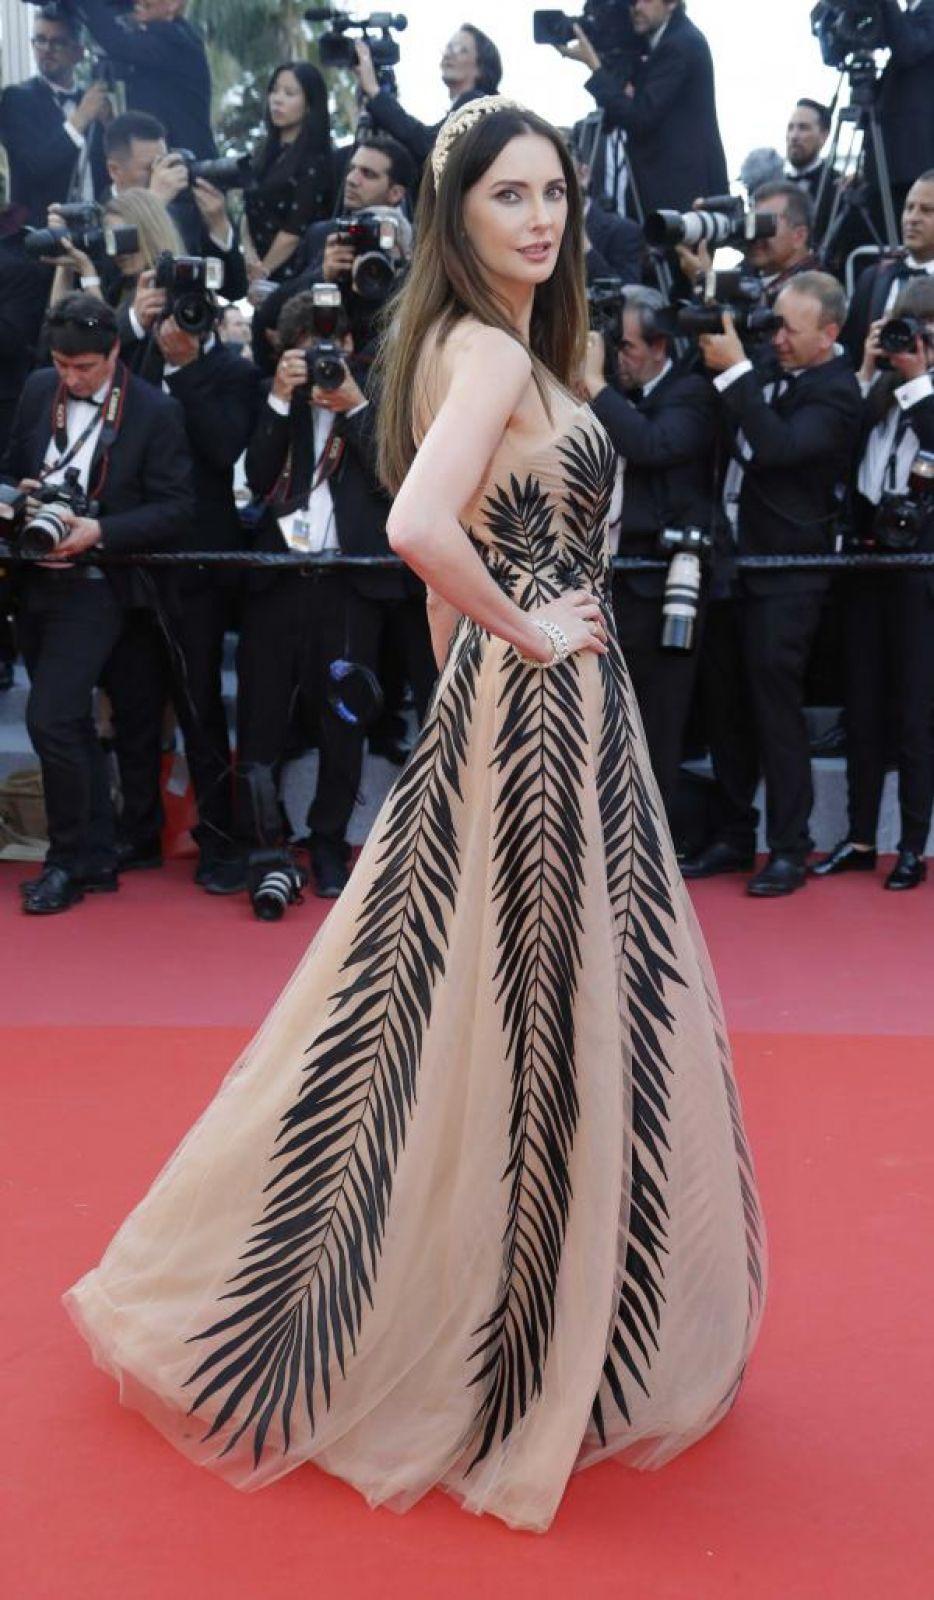 А вот французская актриса Фредерик Бель решила, видимо, платьем с пальмовыми ветвями навлечь на себя удачу на Каннском фестивале.